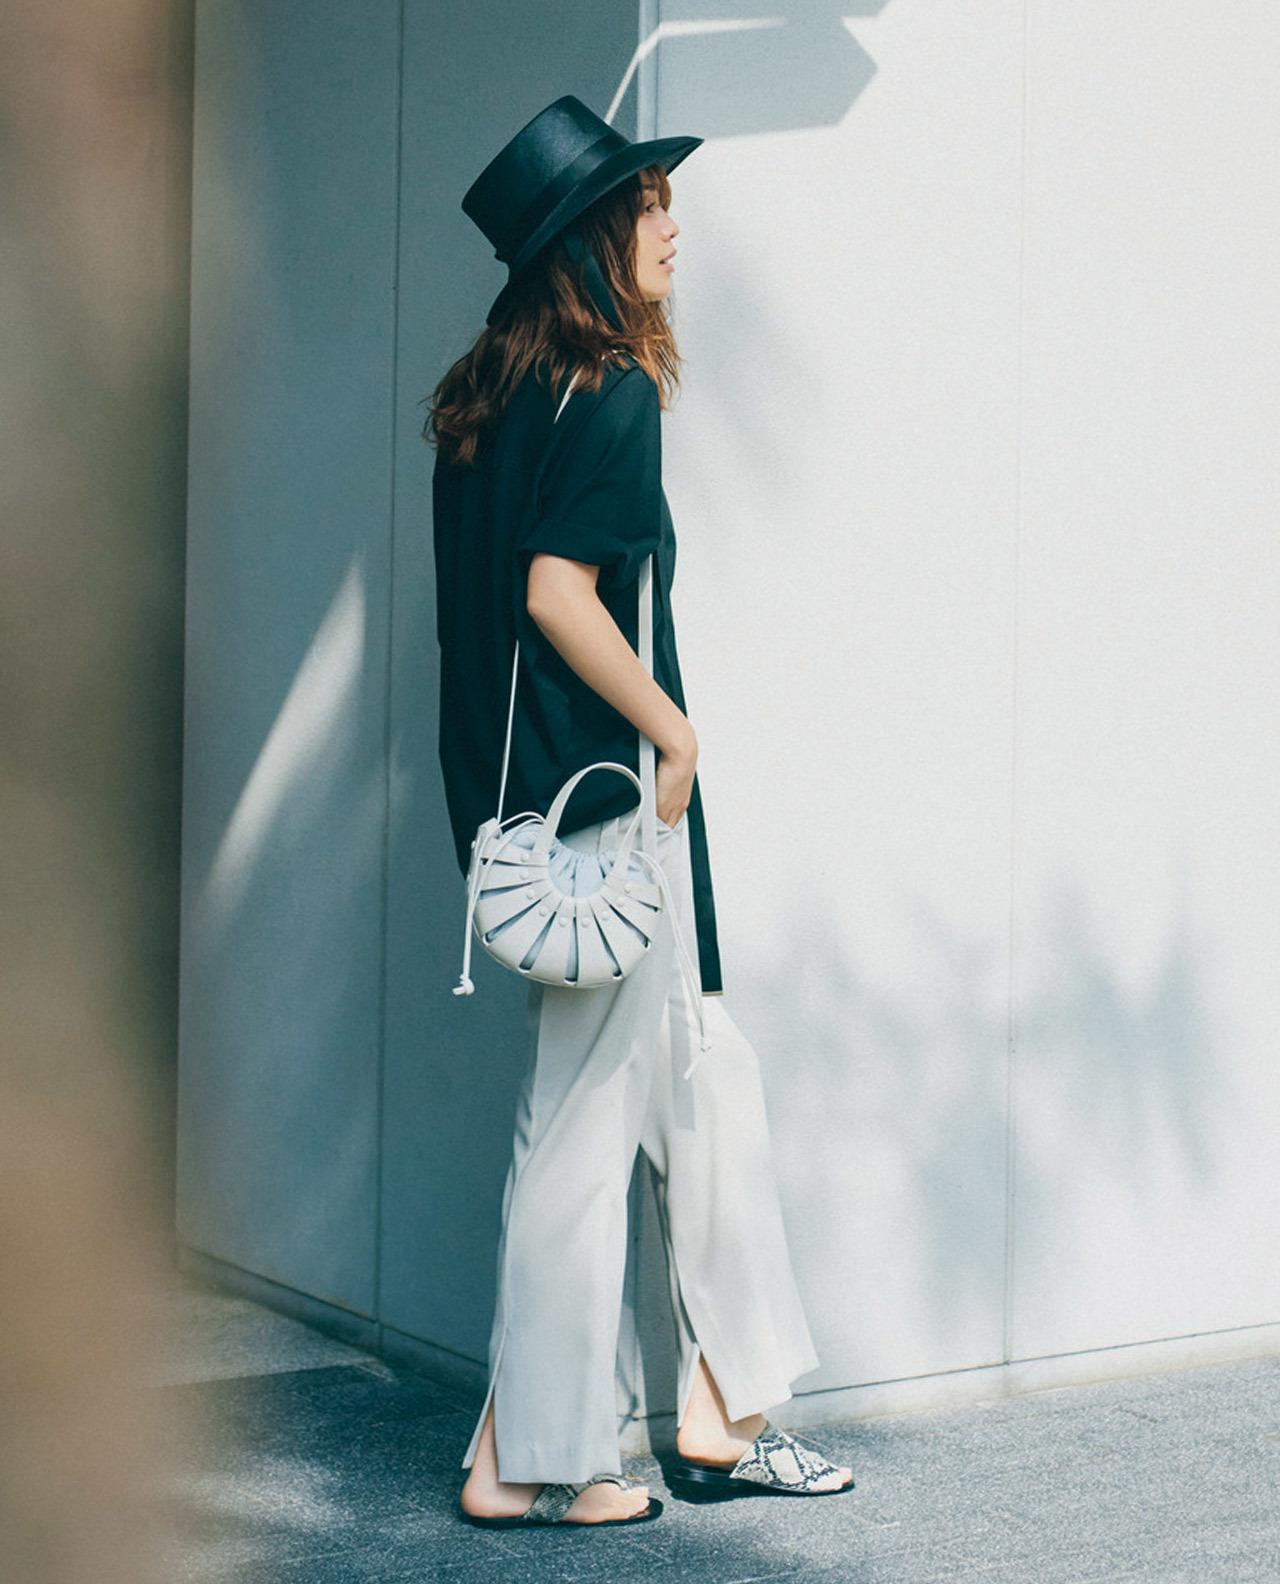 Tシャツ×白パンツのモノトーンコーデ